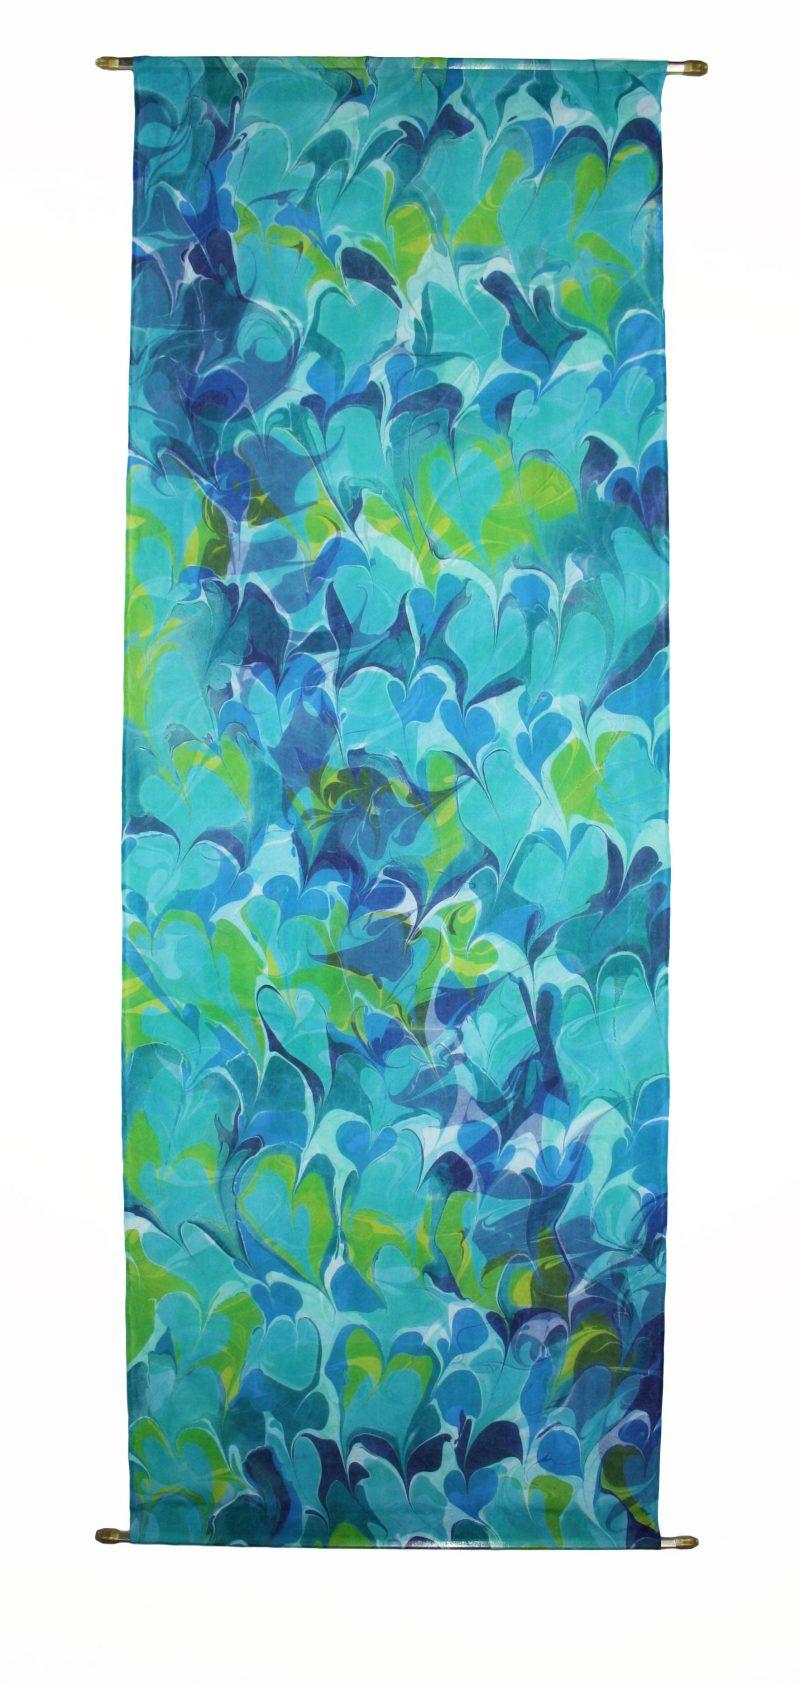 green, teal, indigo, botanical silk wall hanging